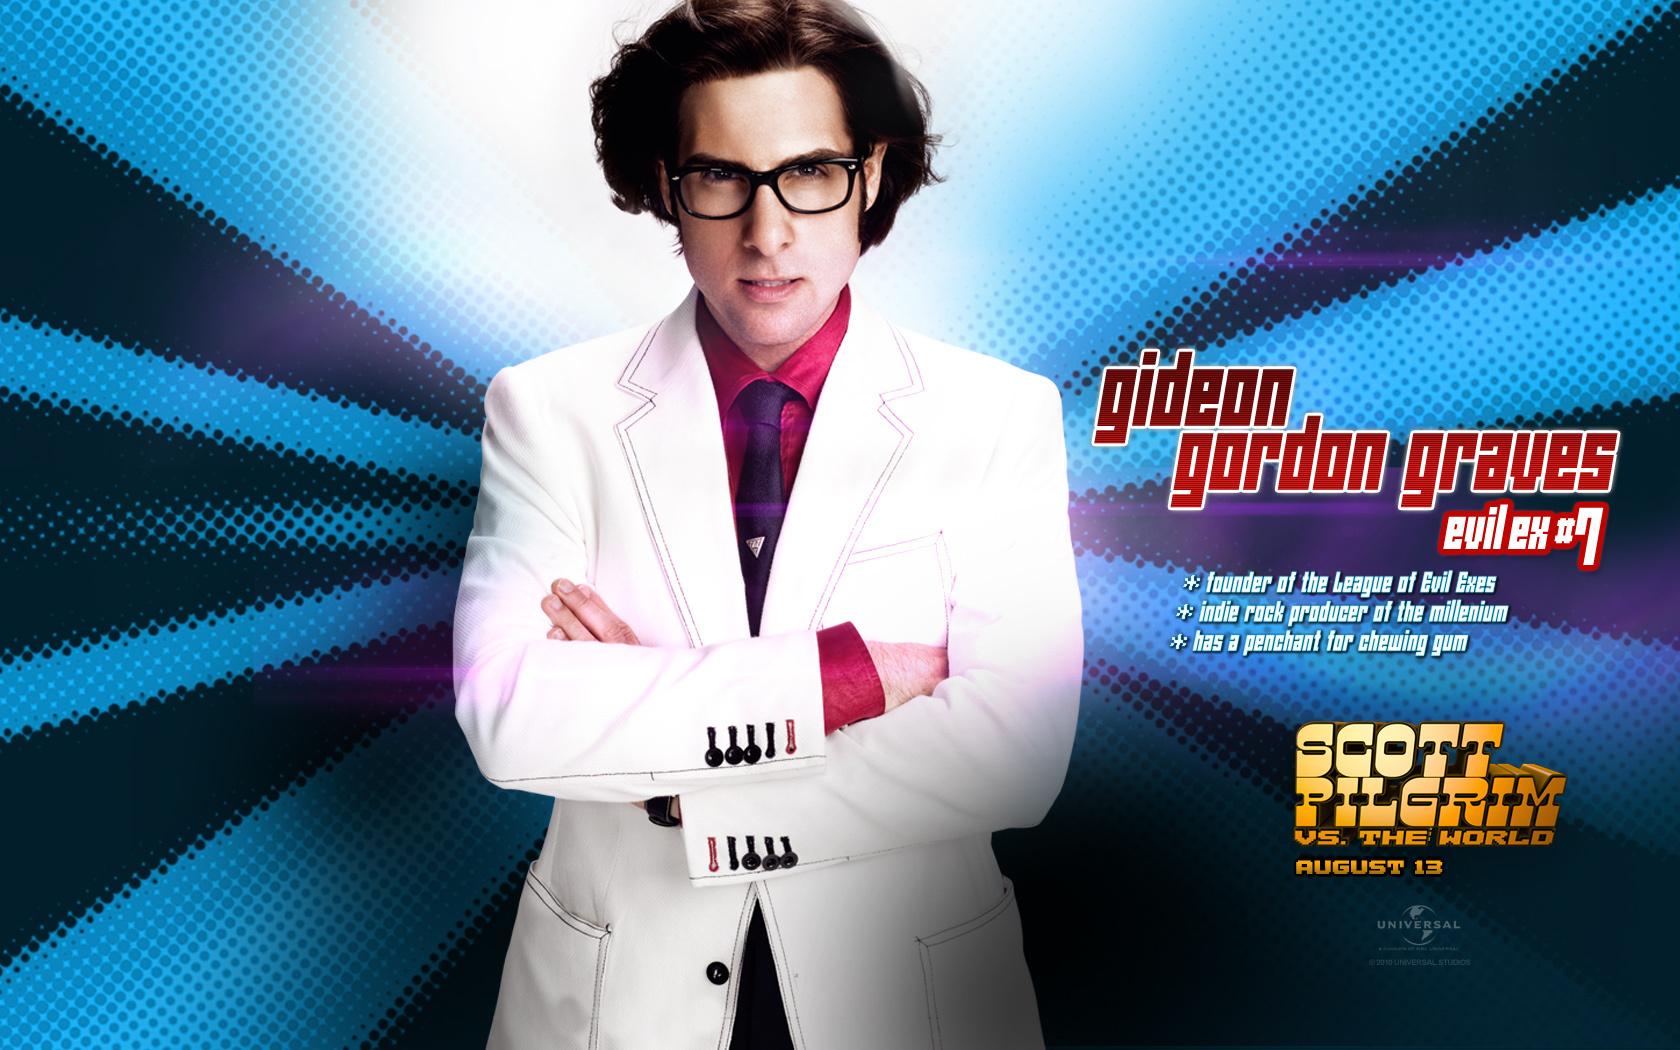 Gideon Scott Pilgrim Evil Ex # 7 - Scott Pi...